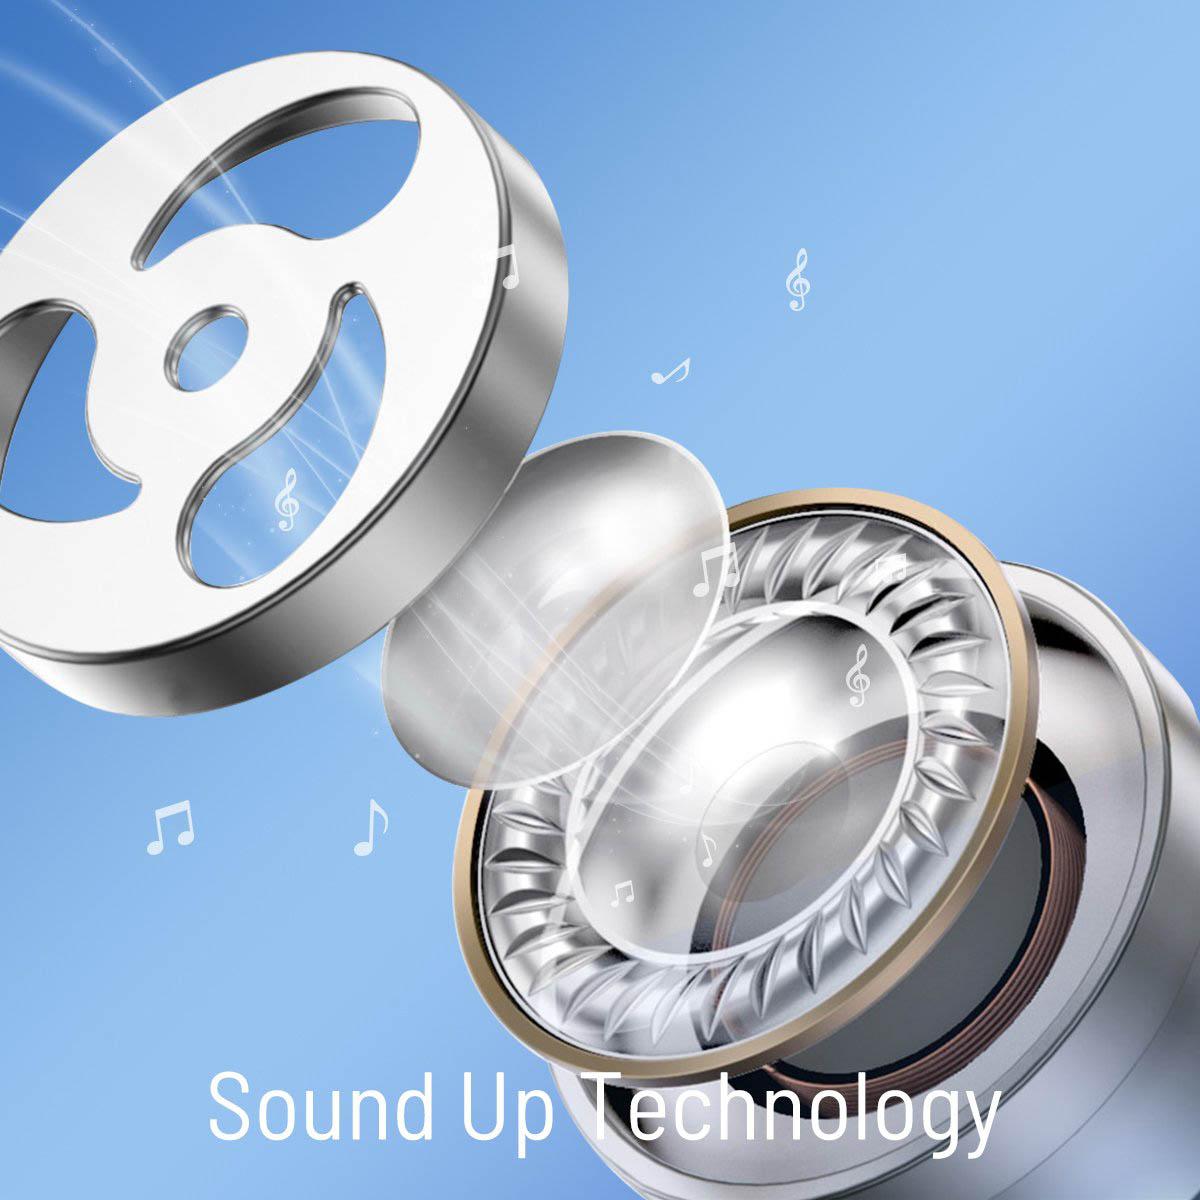 Âm thanh HD chất lượng cao